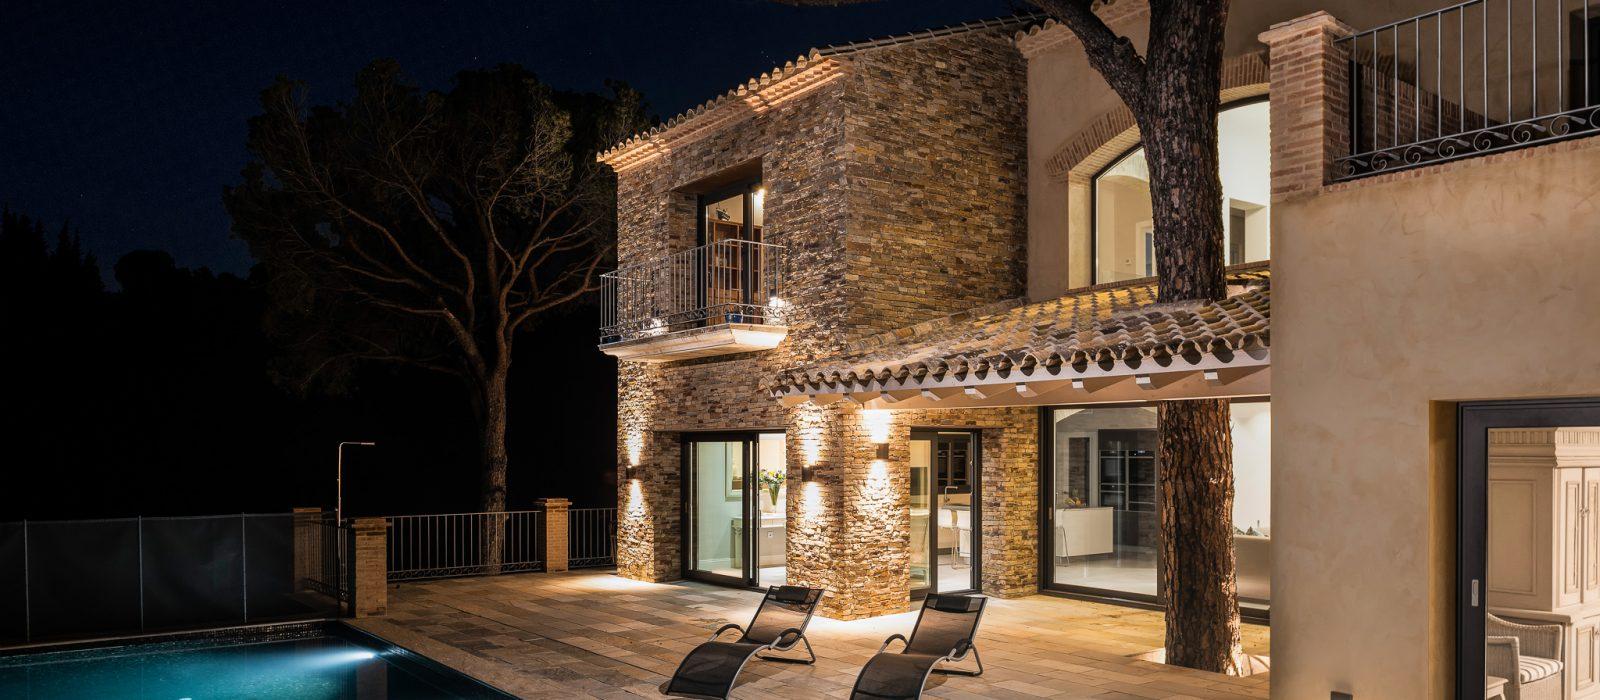 Private Villa in Marbella, holidays in Marbella, La Zagaleta country club.